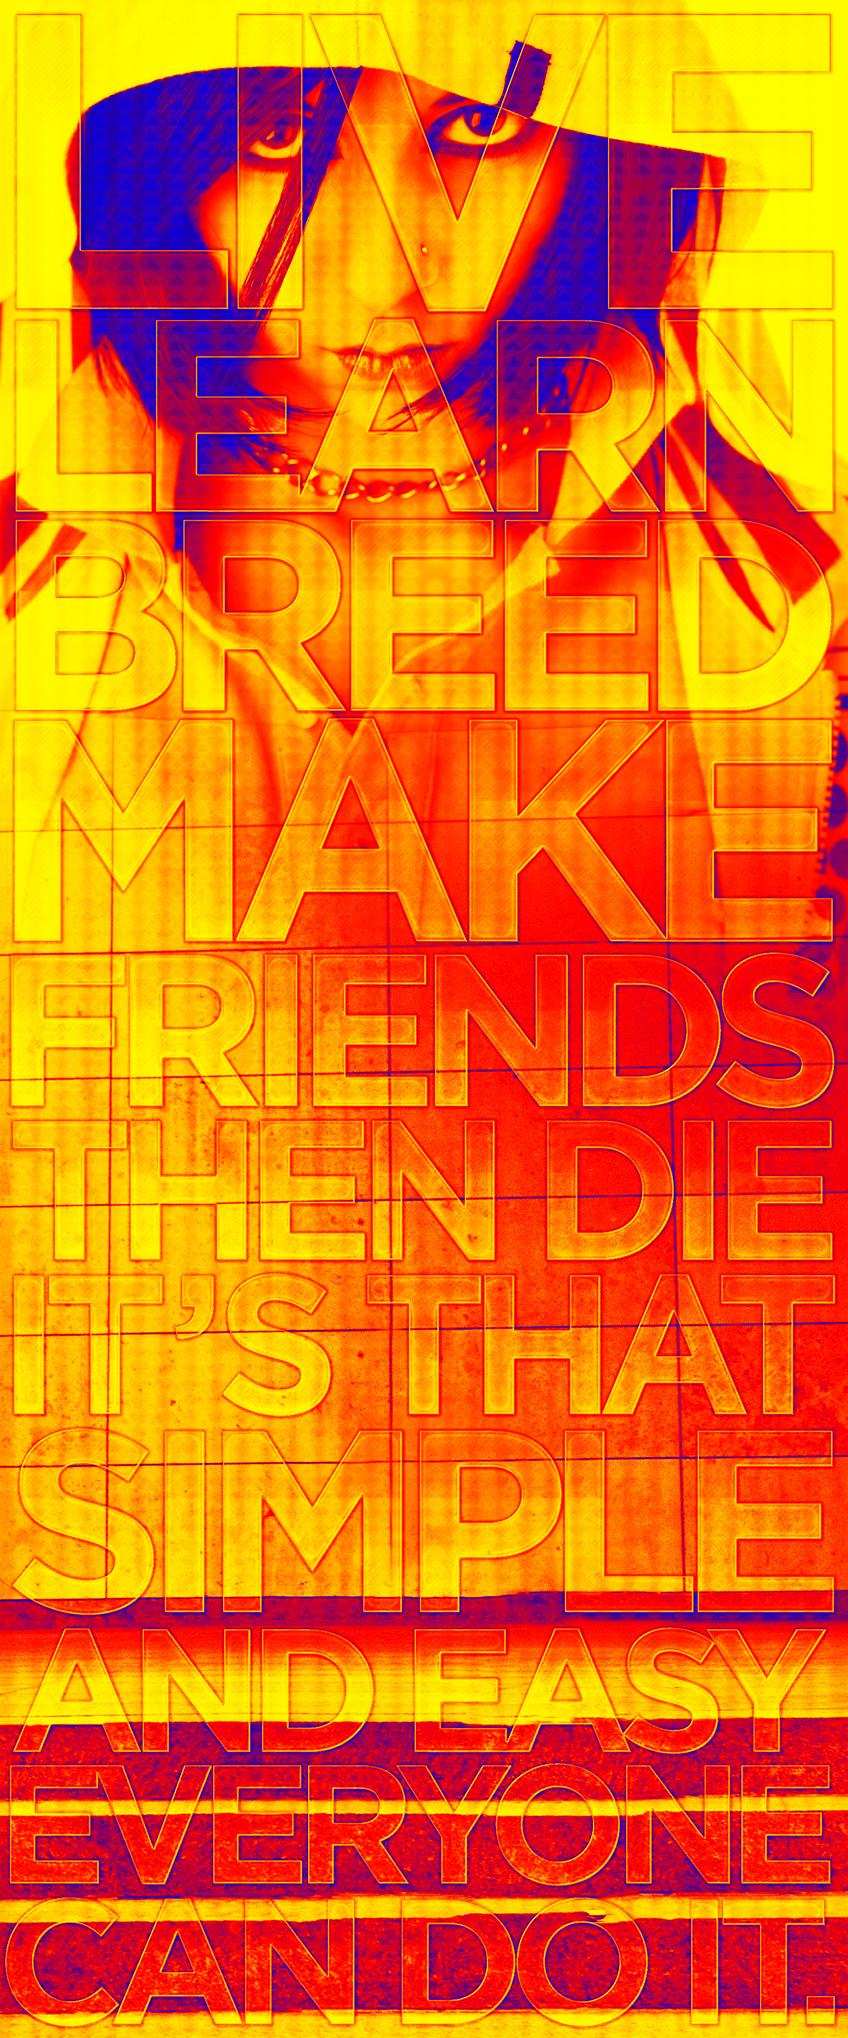 LIVE LEARN DIE by studiomuku